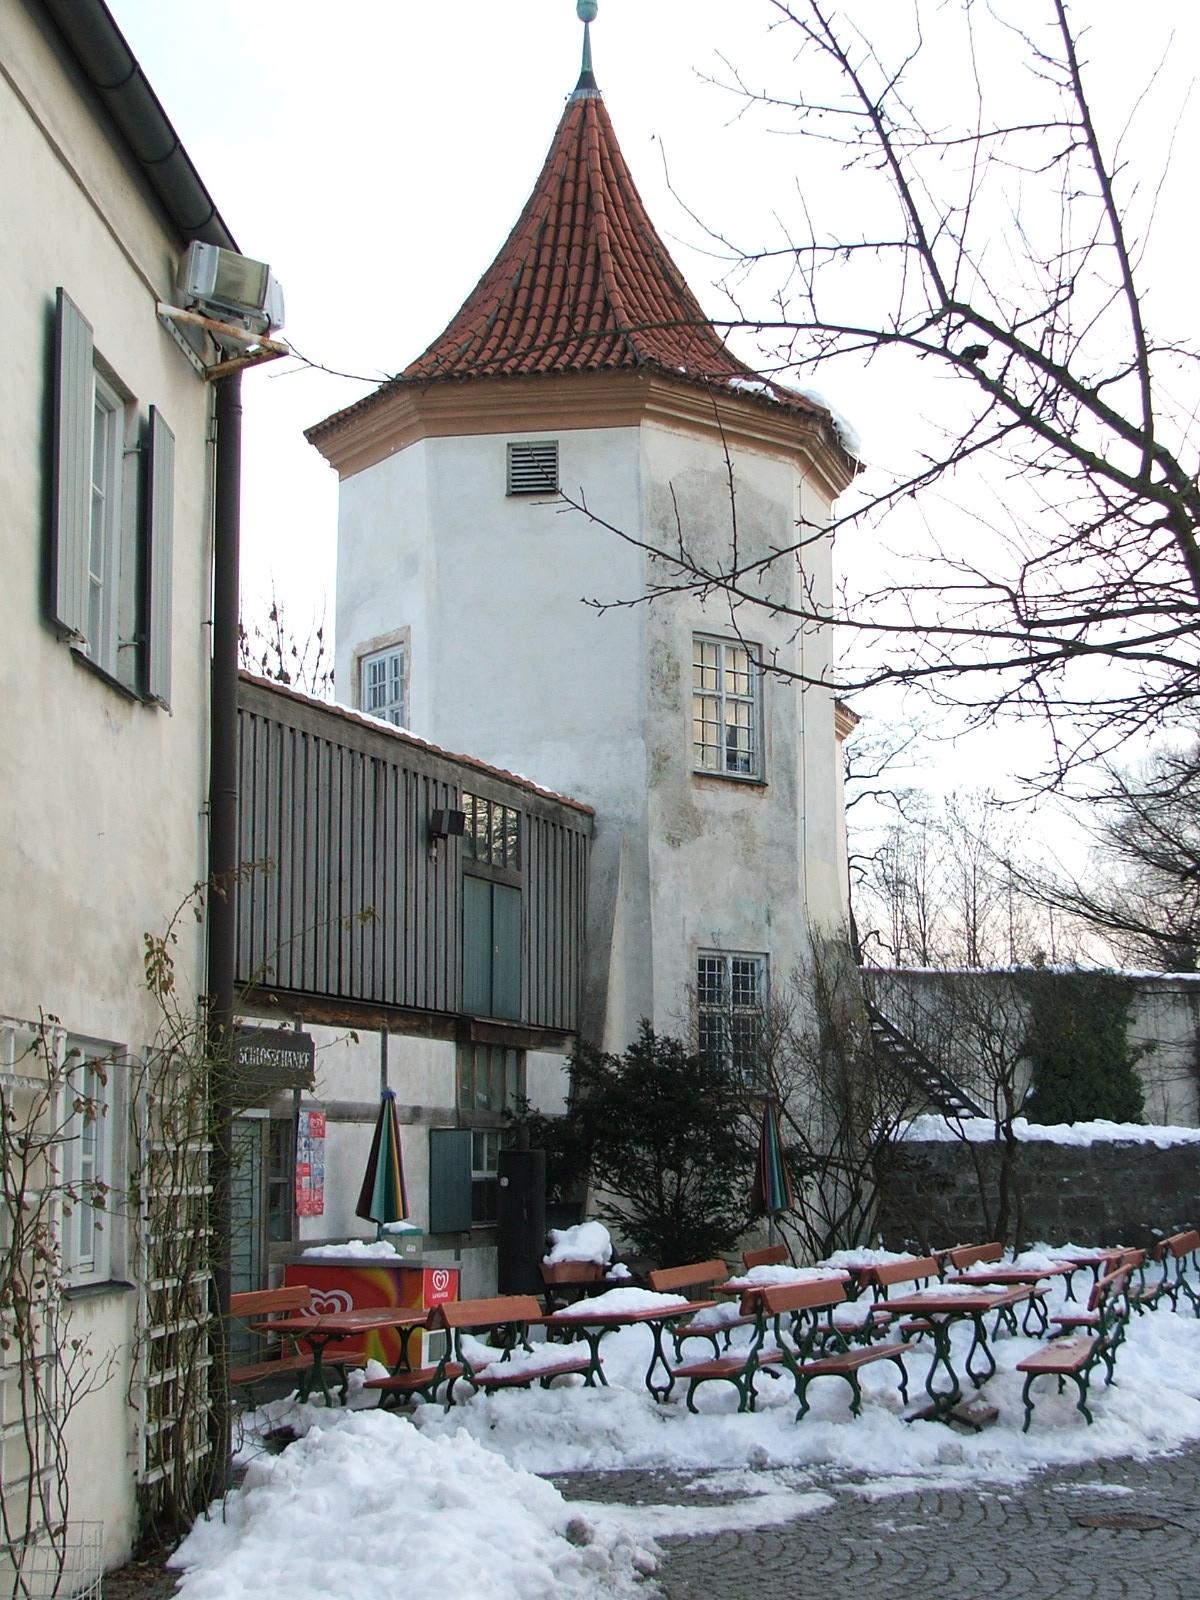 File:Biergarten der Schlossschänke Castle in Munich with Snow 02 ...